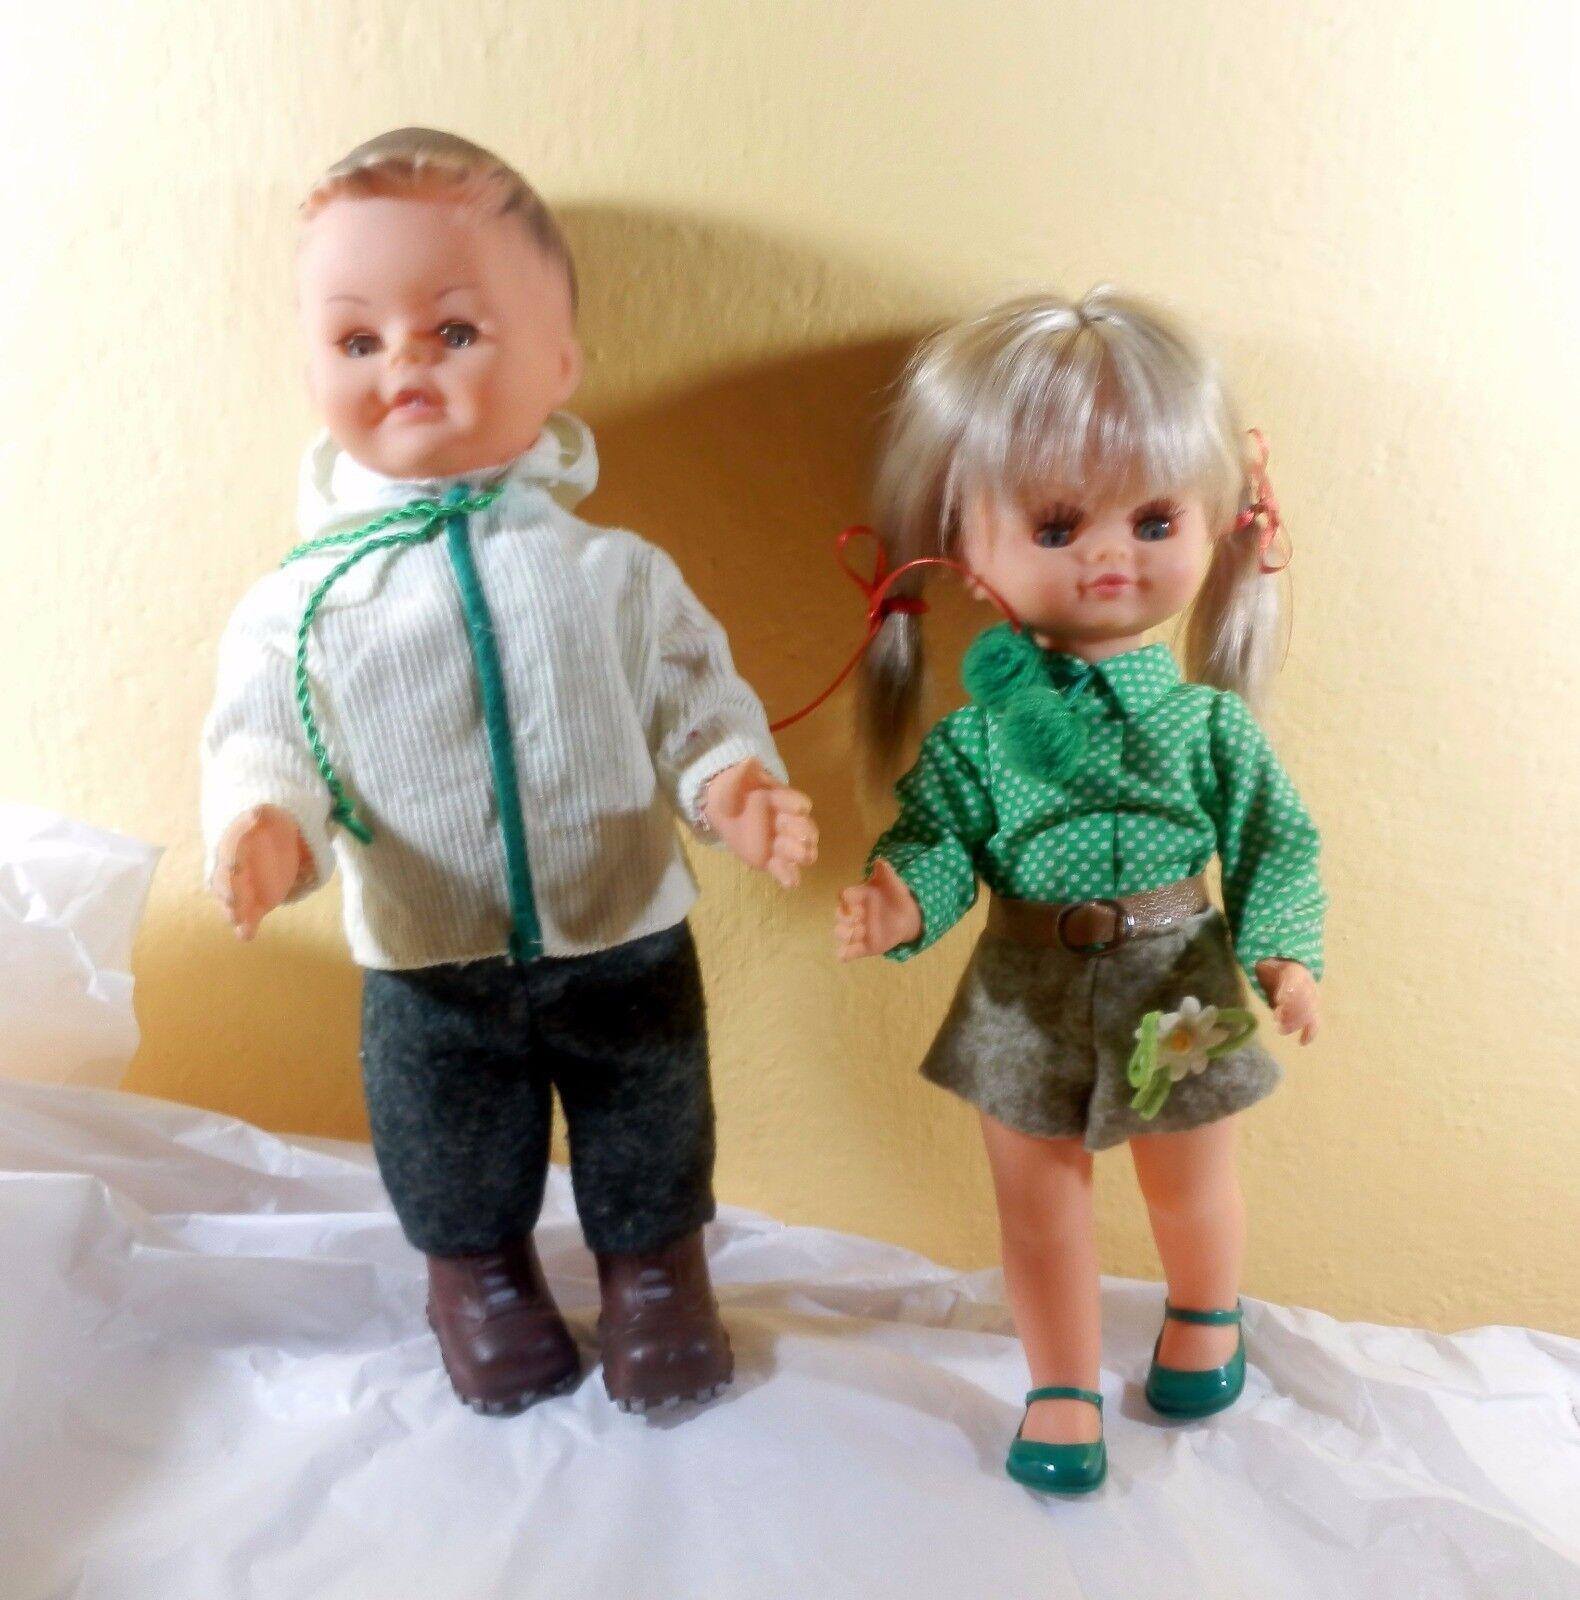 Coppia Alpini Sebino doll poupee puppen Muneca Vintage antico anni '60